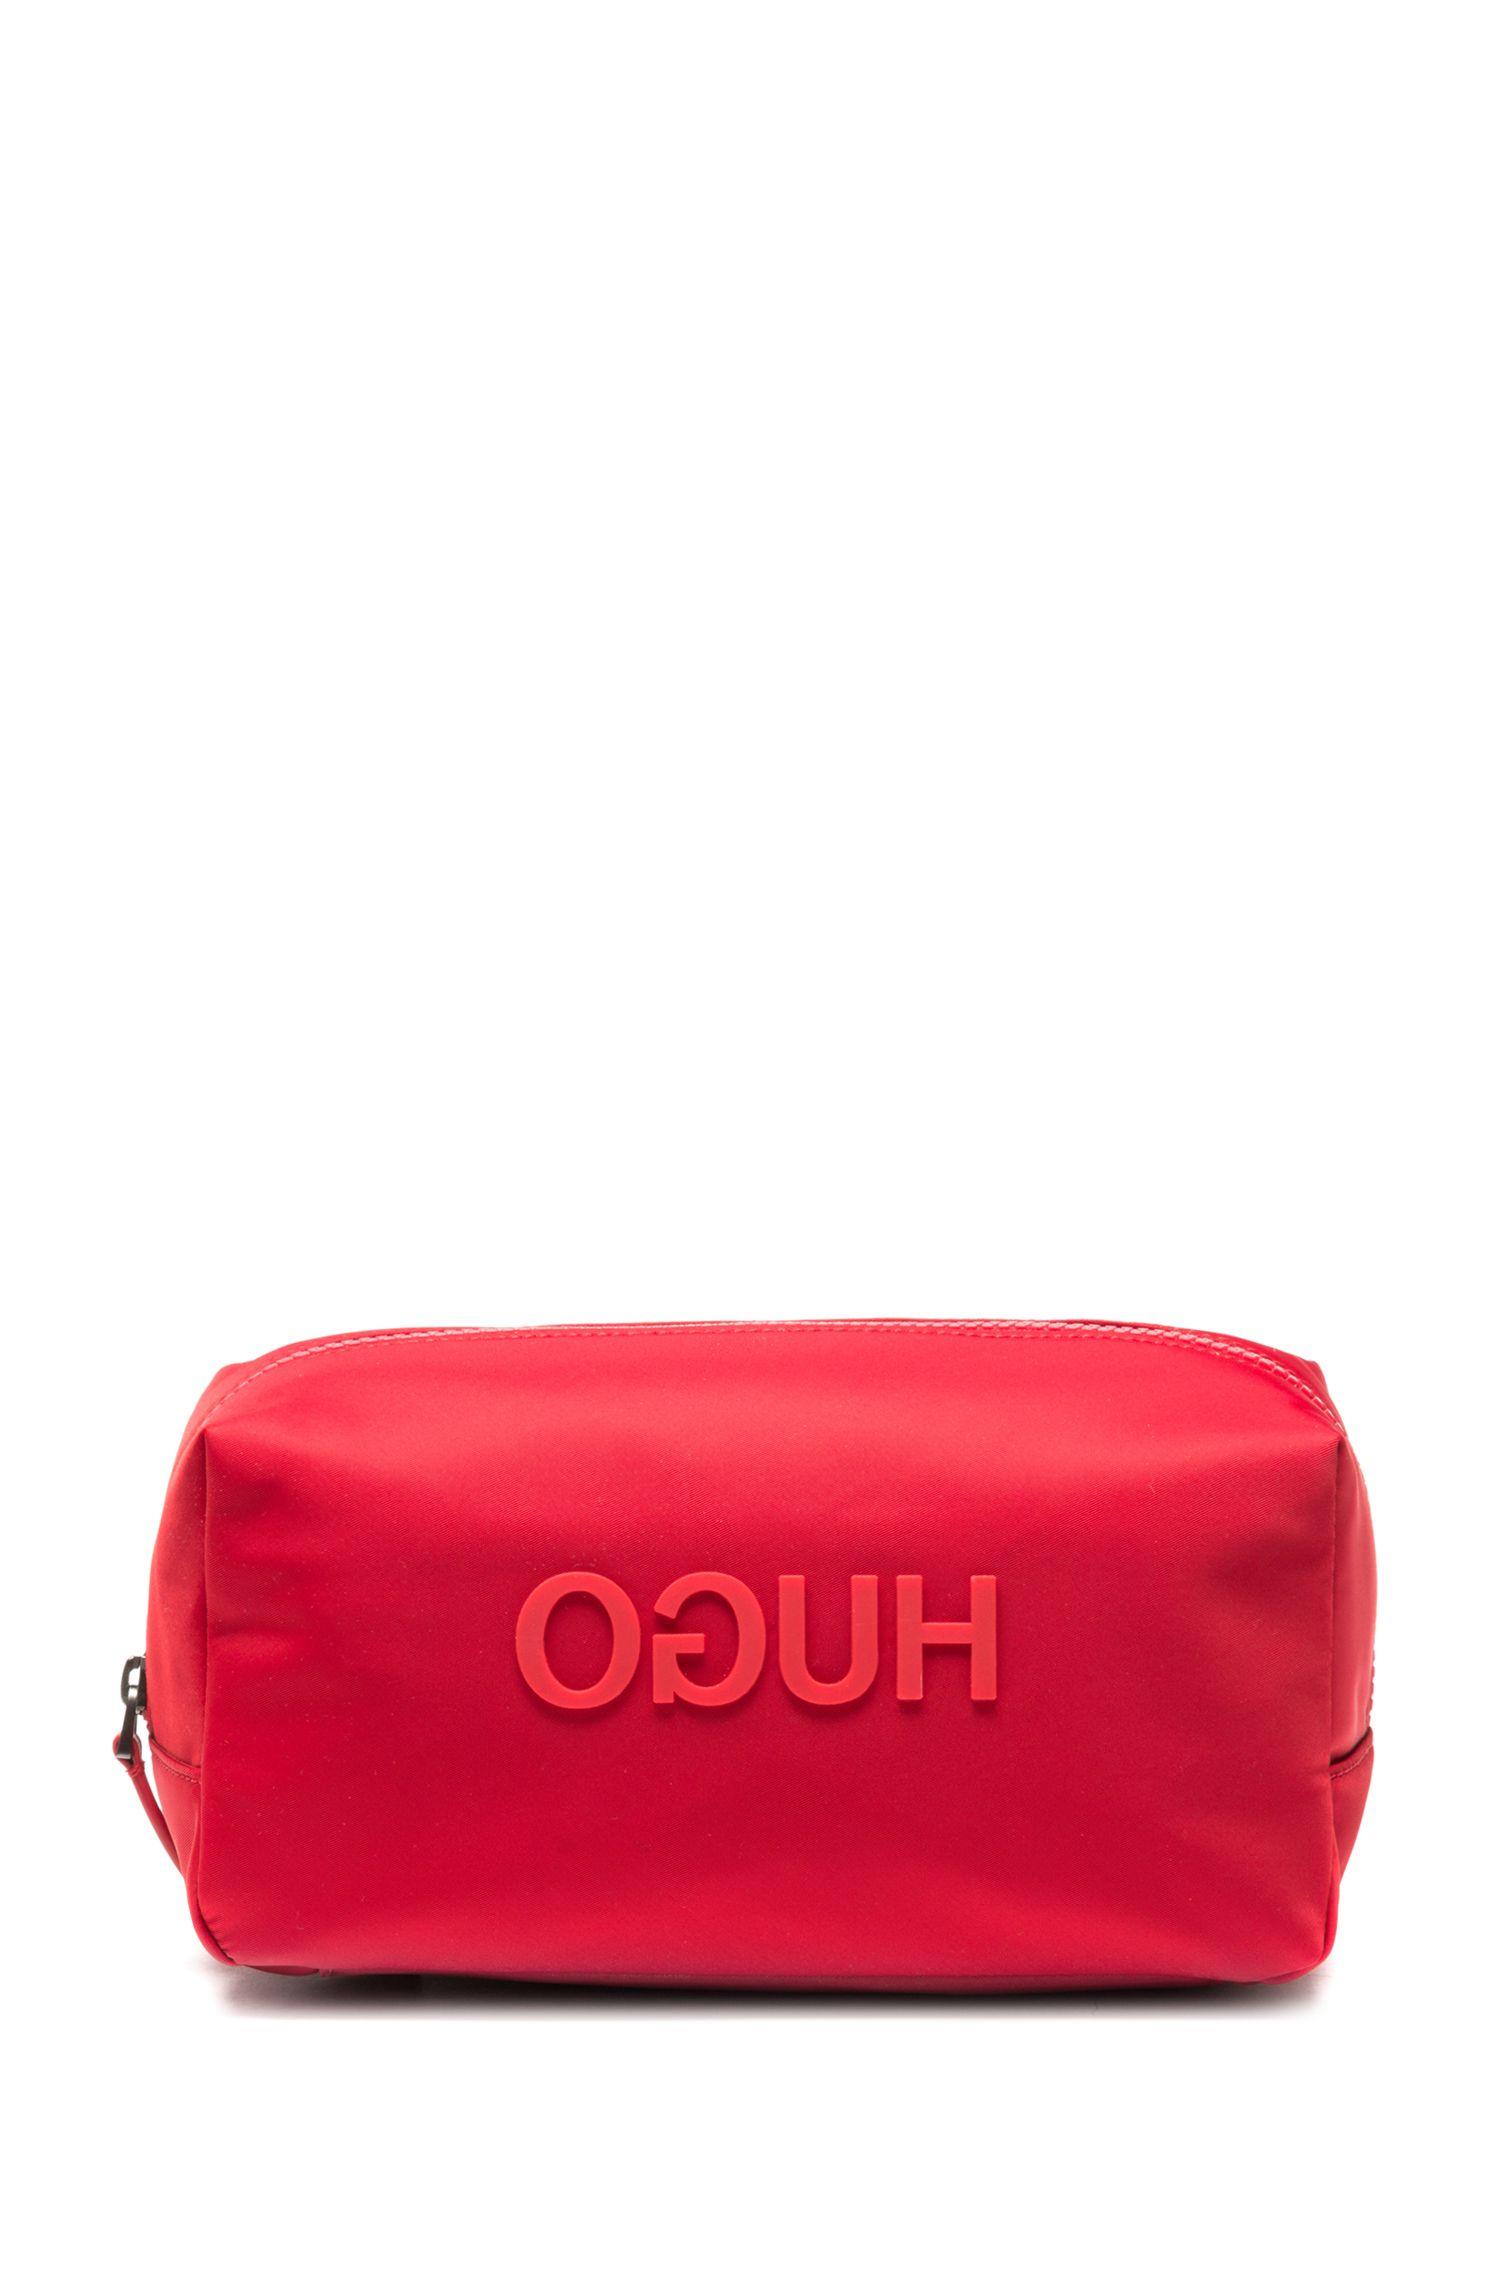 Trousse de toilette en gabardine technique, avec logo inversé gommé, Rouge